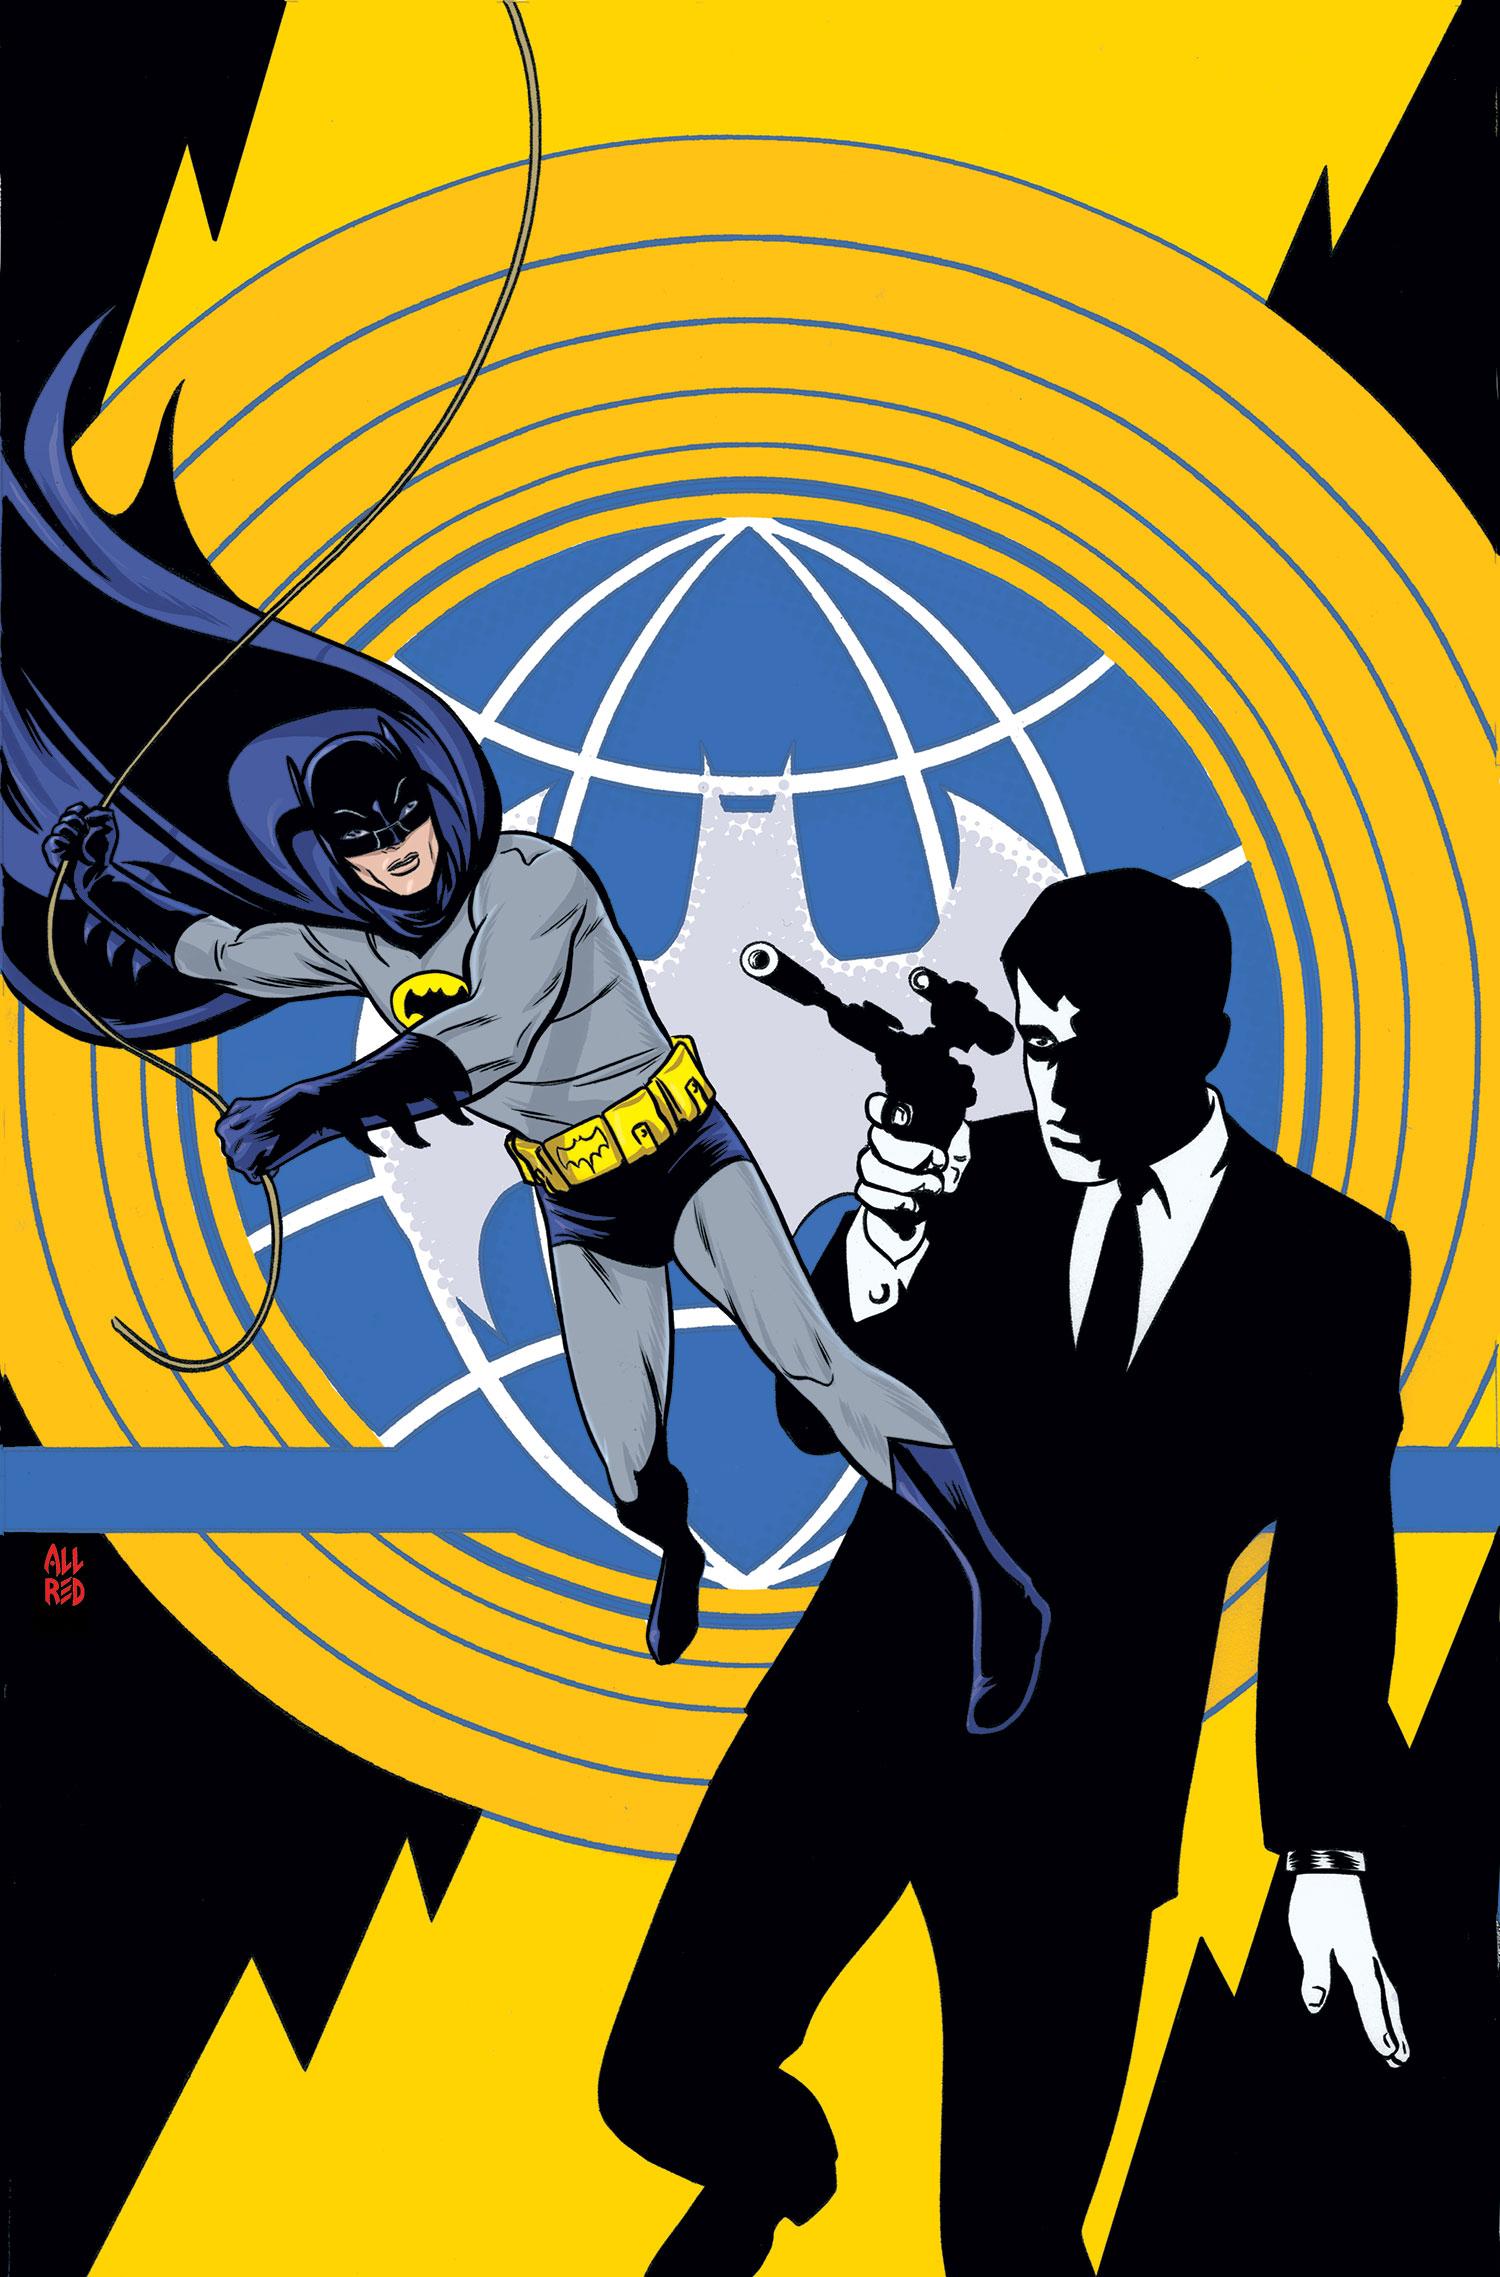 Batman 66 Meets the Man From U.N.C.L.E.